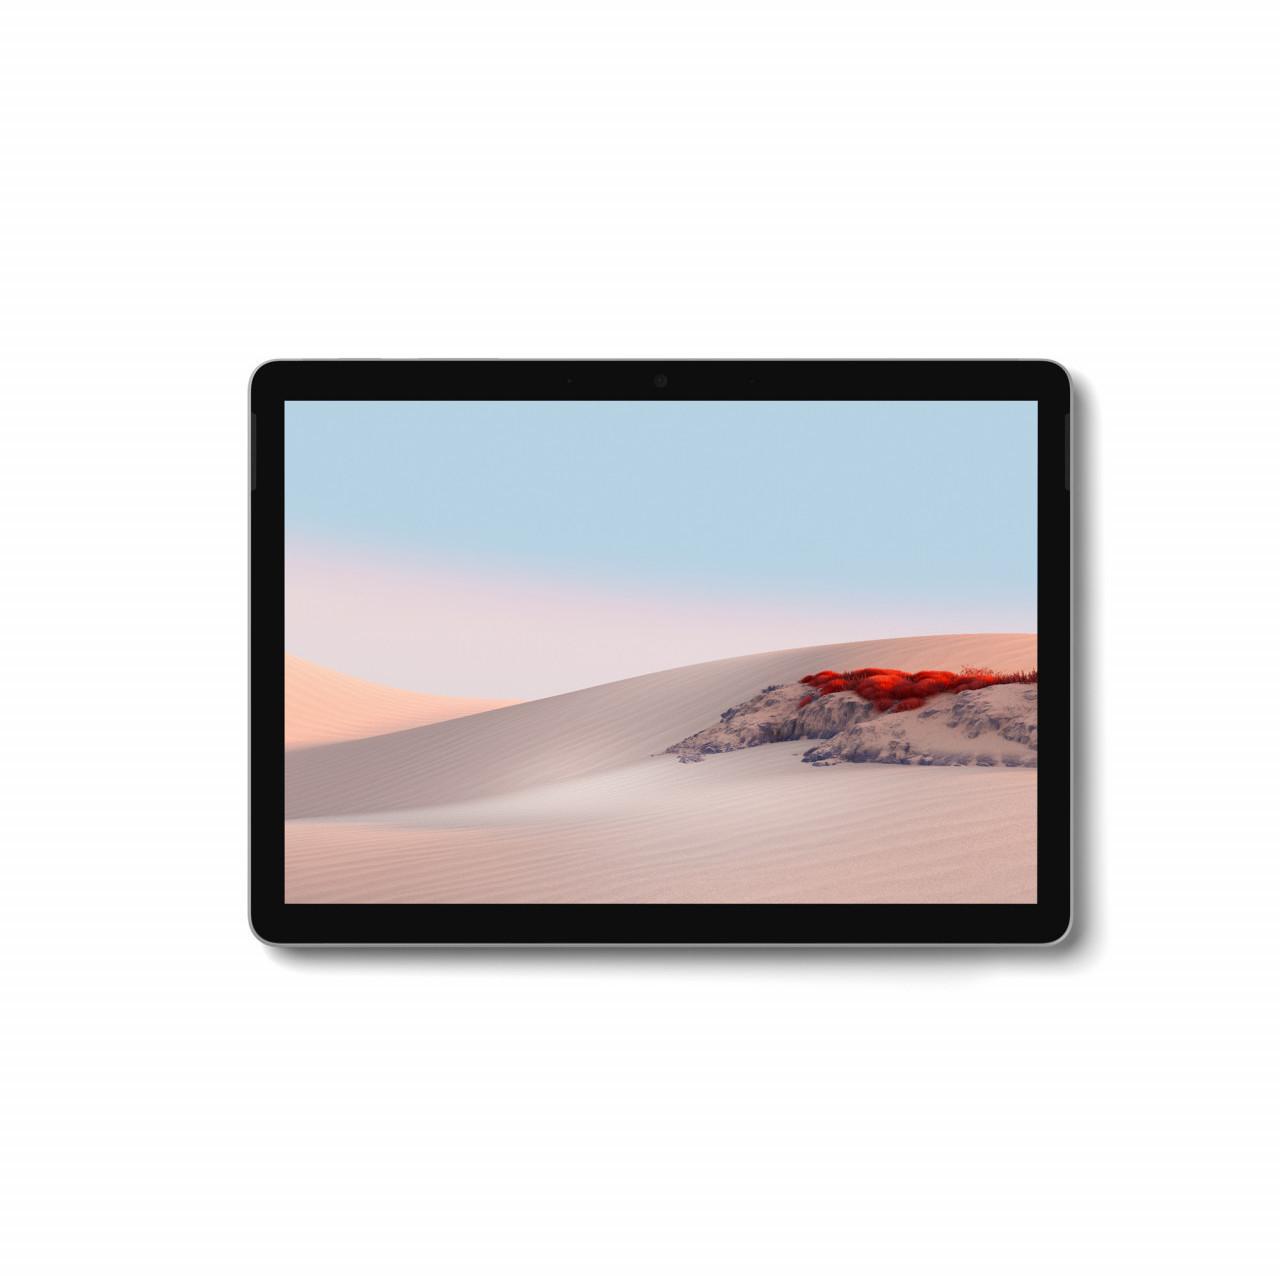 microsoft surface laptop-comparison_table-m-4